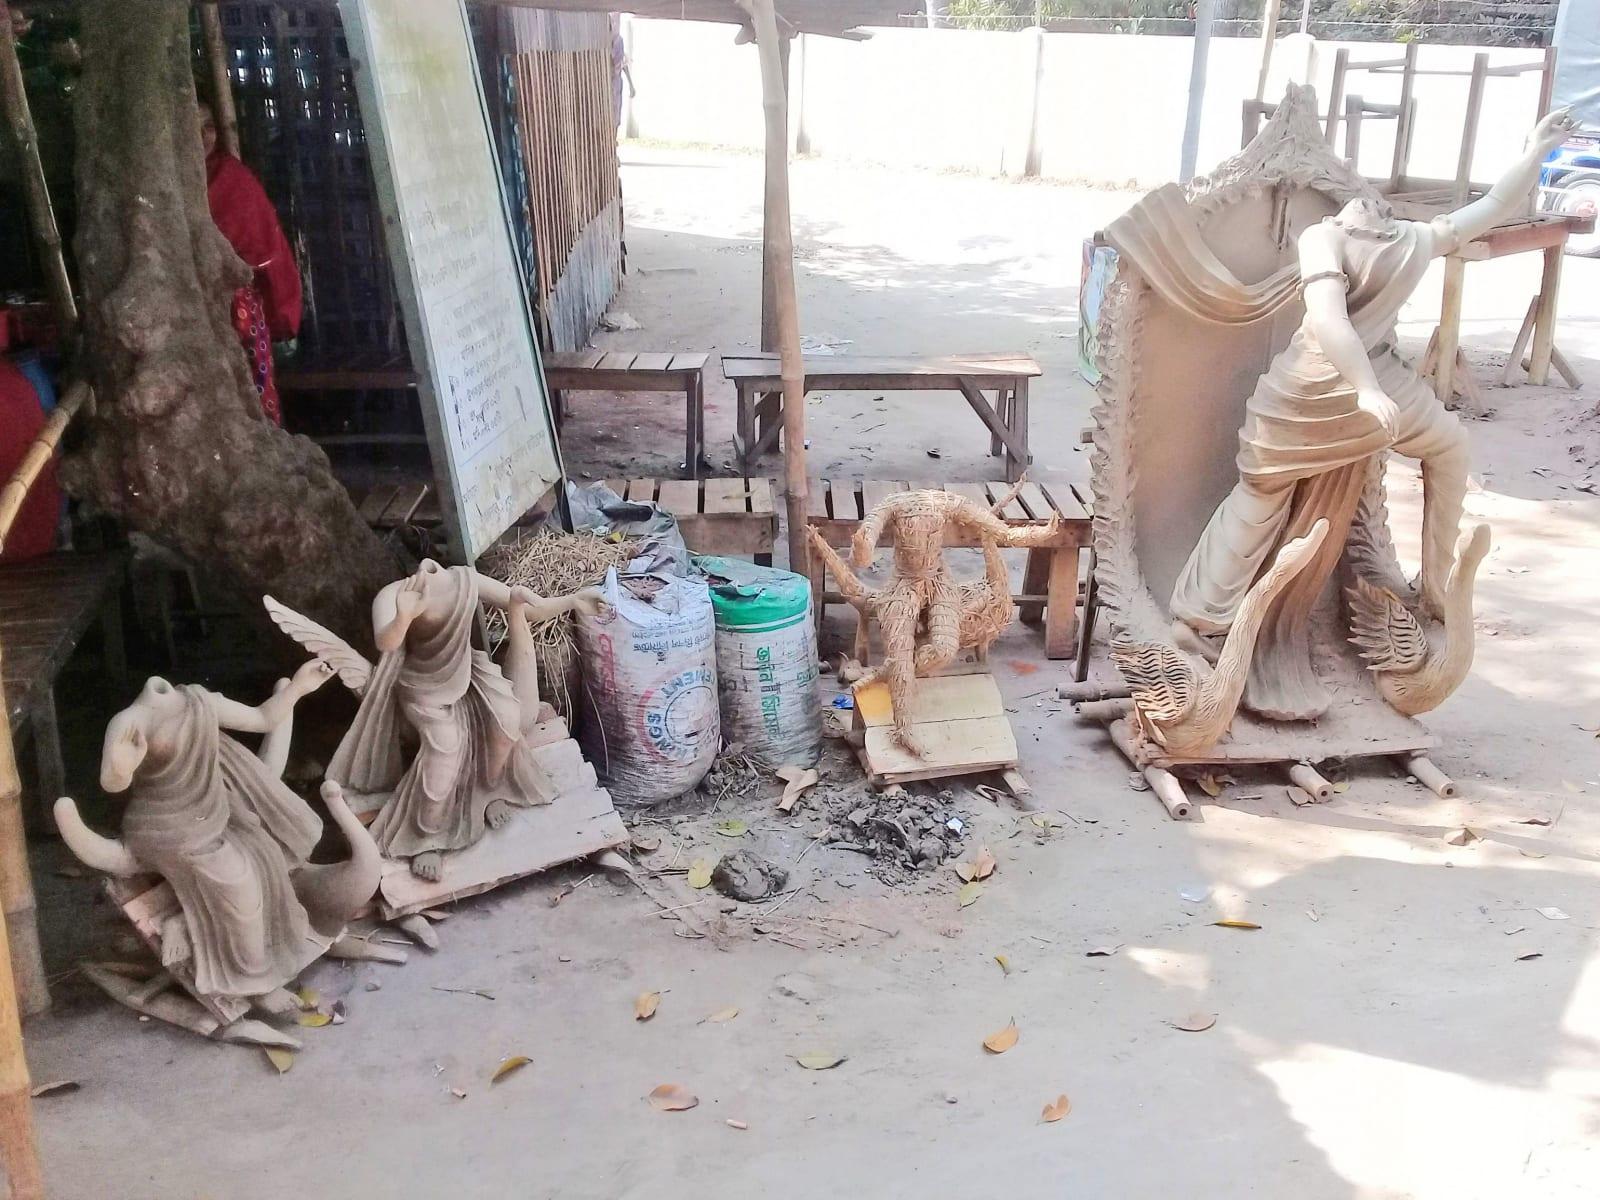 Výroba soch přímo na ulici, Bangladéš